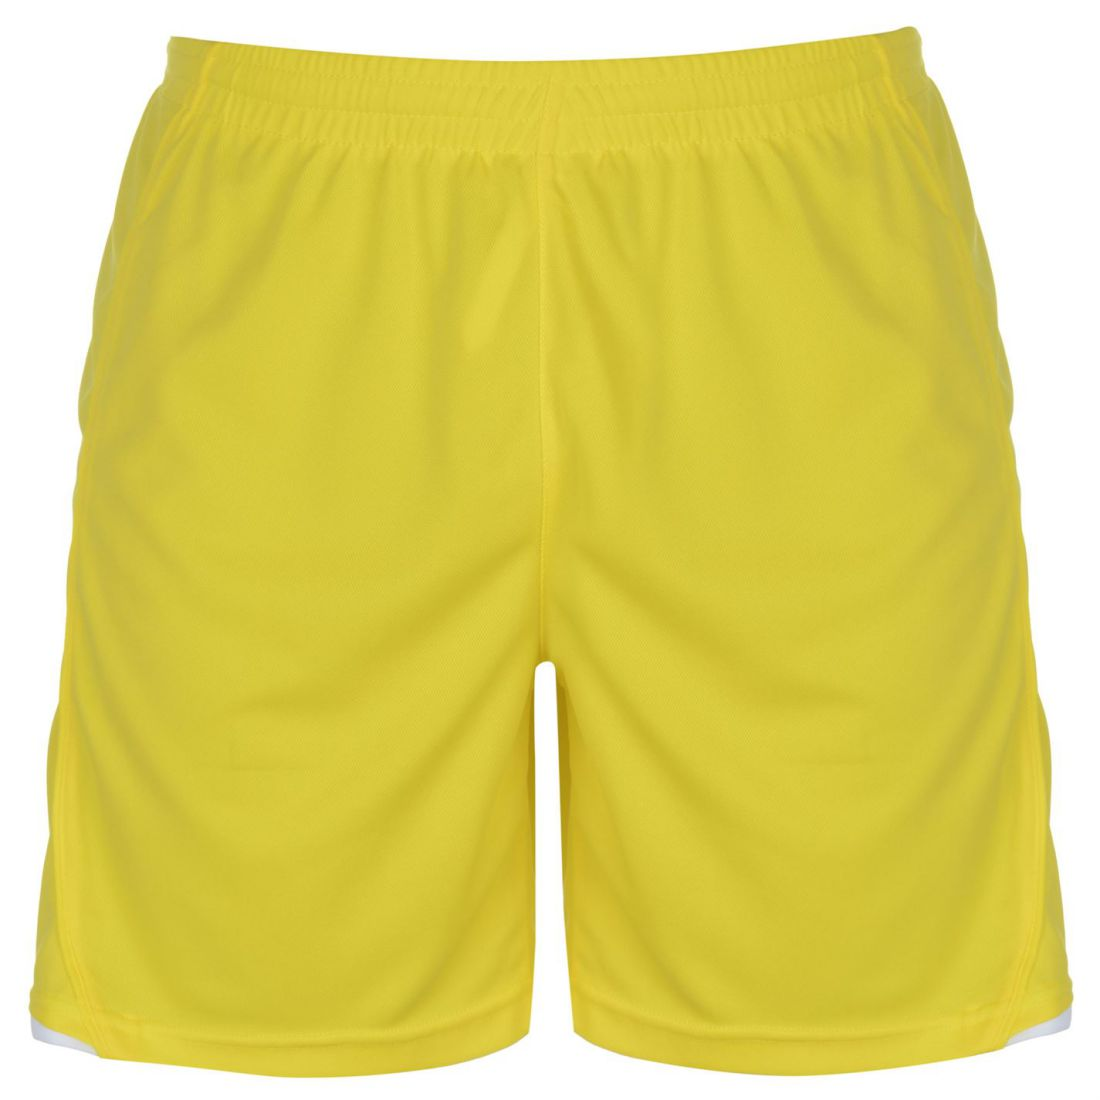 071d650a Details about Diadora Mens Kingston Football Shorts Lightweight Pants  Trousers Bottoms